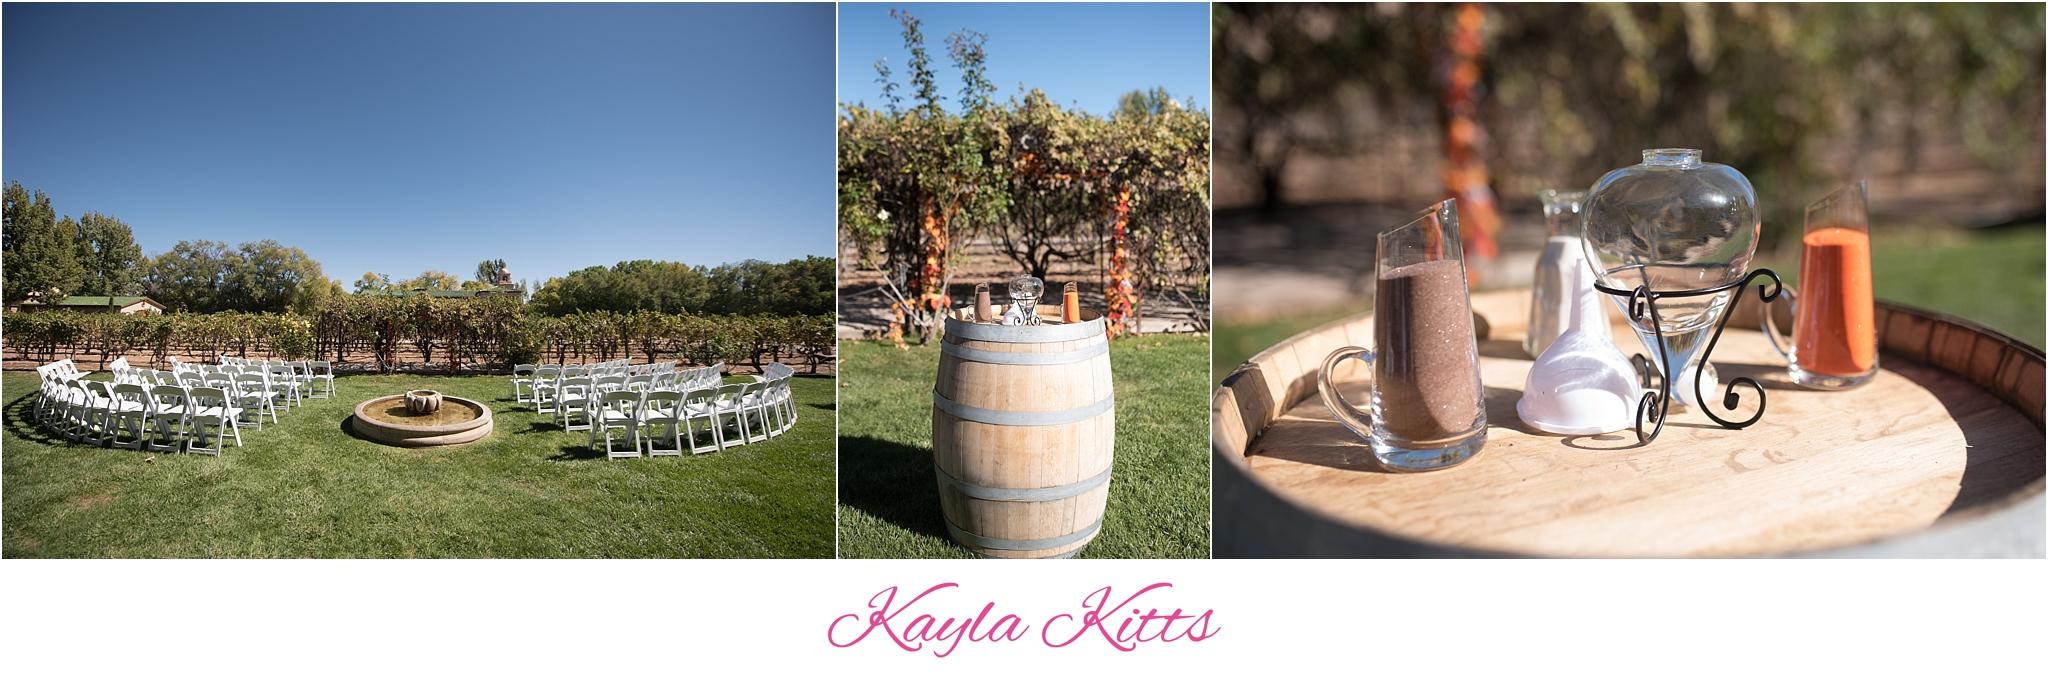 kayla kitts photography - albuquerque wedding photographer - albuquerque wedding photography - albuquerque venue - casa rondena - casa rondea wedding - new mexico wedding photographer_0007.jpg